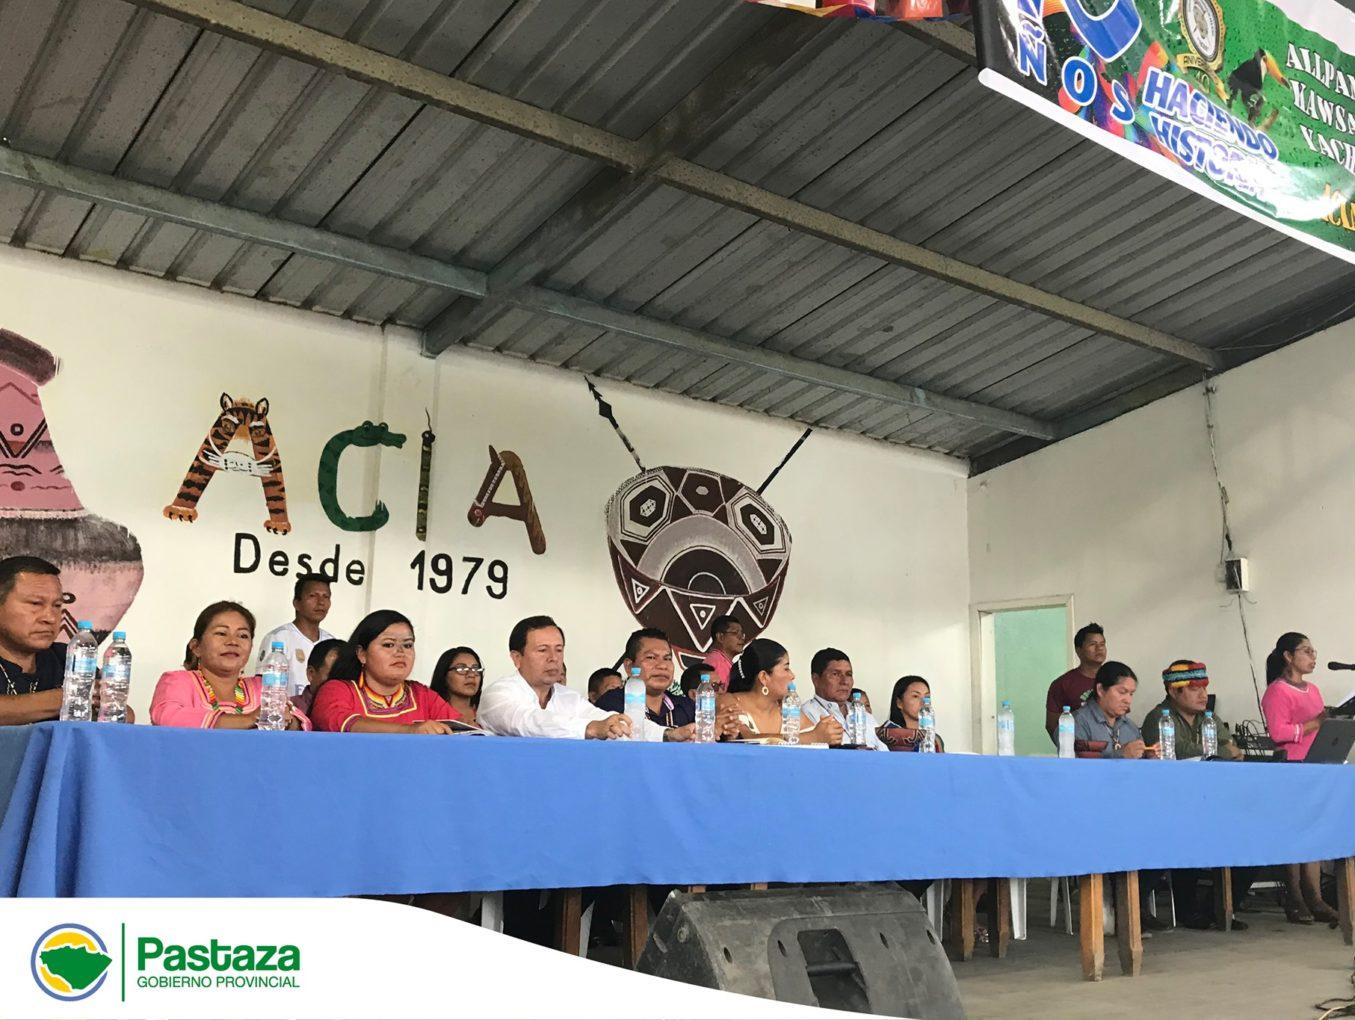 Prefecto Provincial participó de la reunión conmemorativa por el Cuadragésimo Aniversario de la Asociación de Comunidades Indígenas de Arajuno ACIA